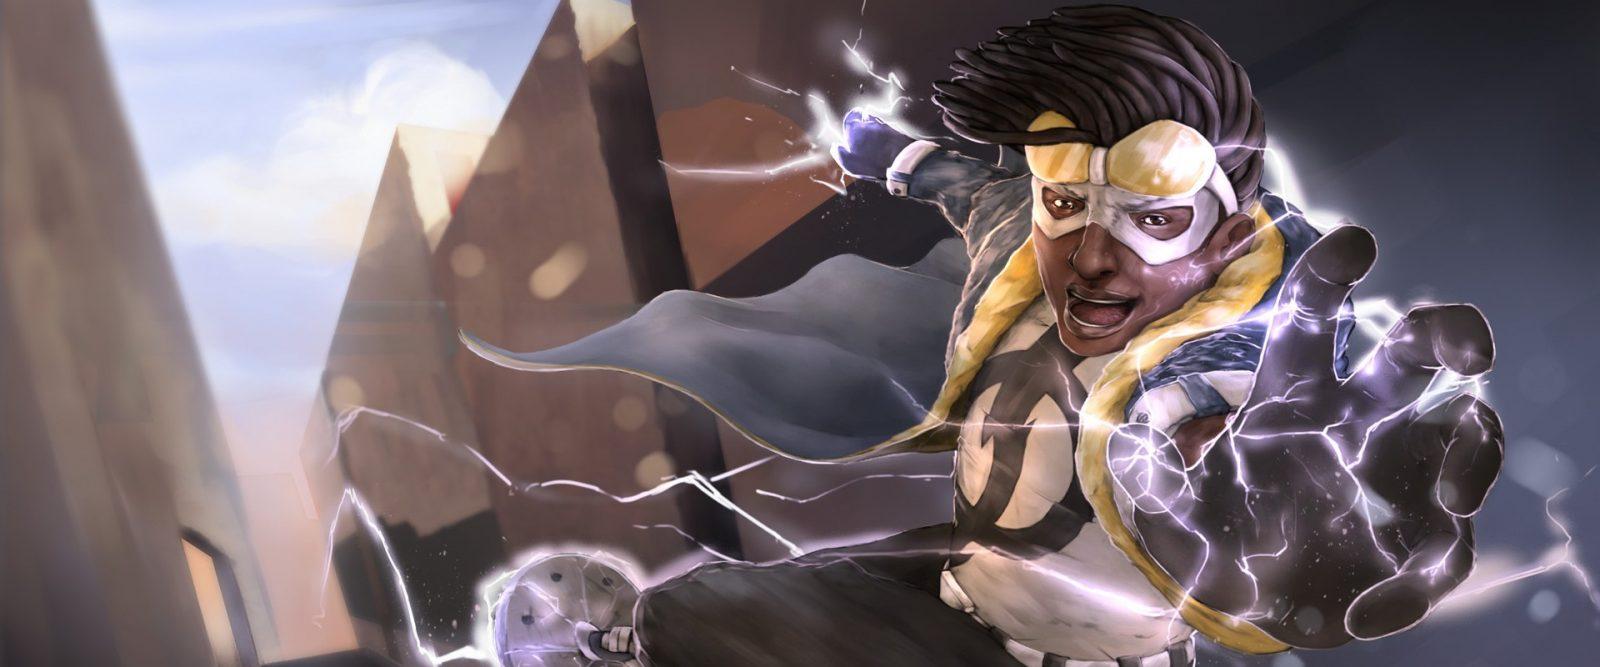 Майкл Б. Джордан разрабатывает новый супергеройский фильм DC